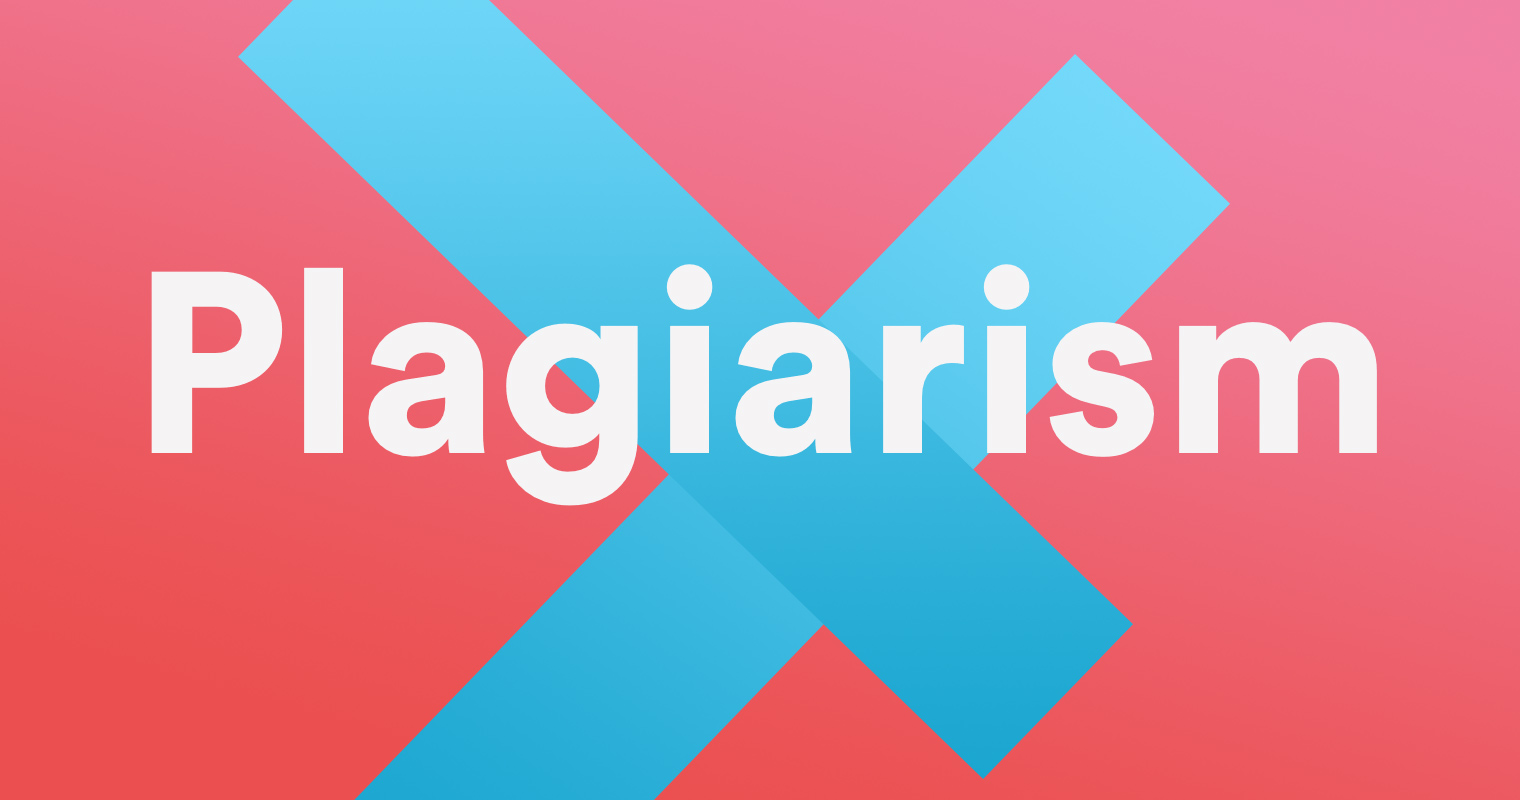 Plagiarism-Free Essays